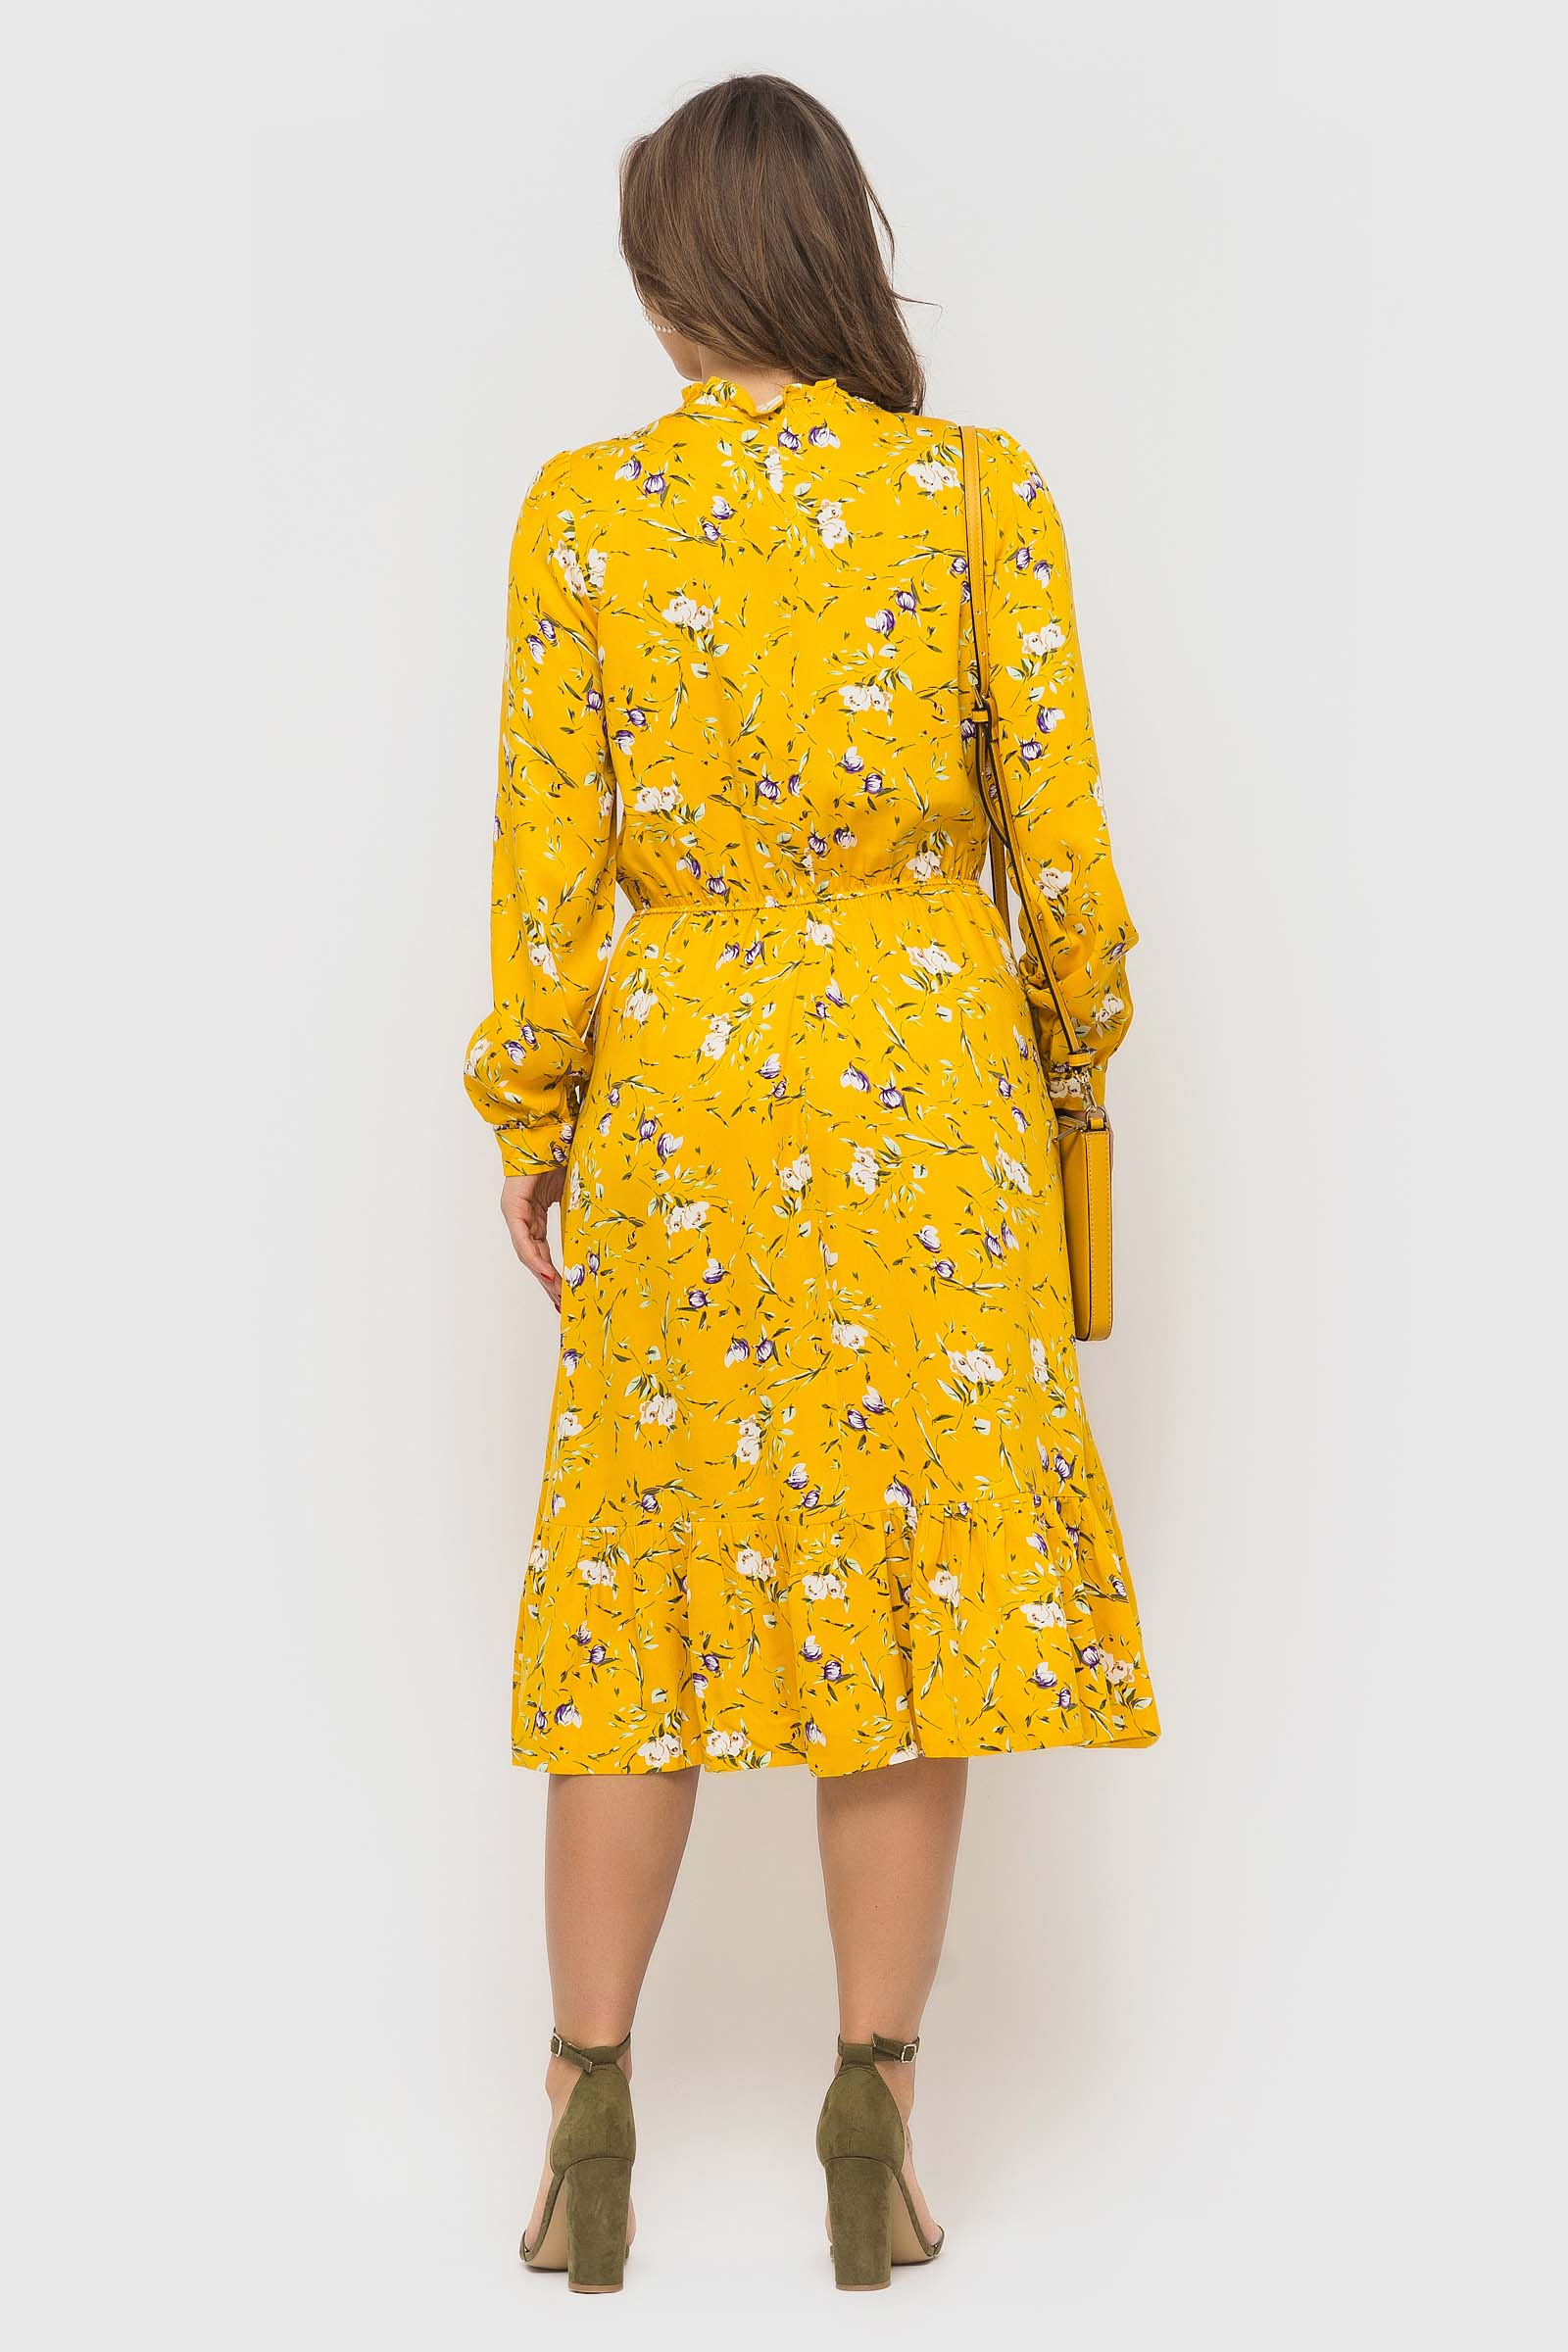 be art 2020 04 07182294 Купить платье